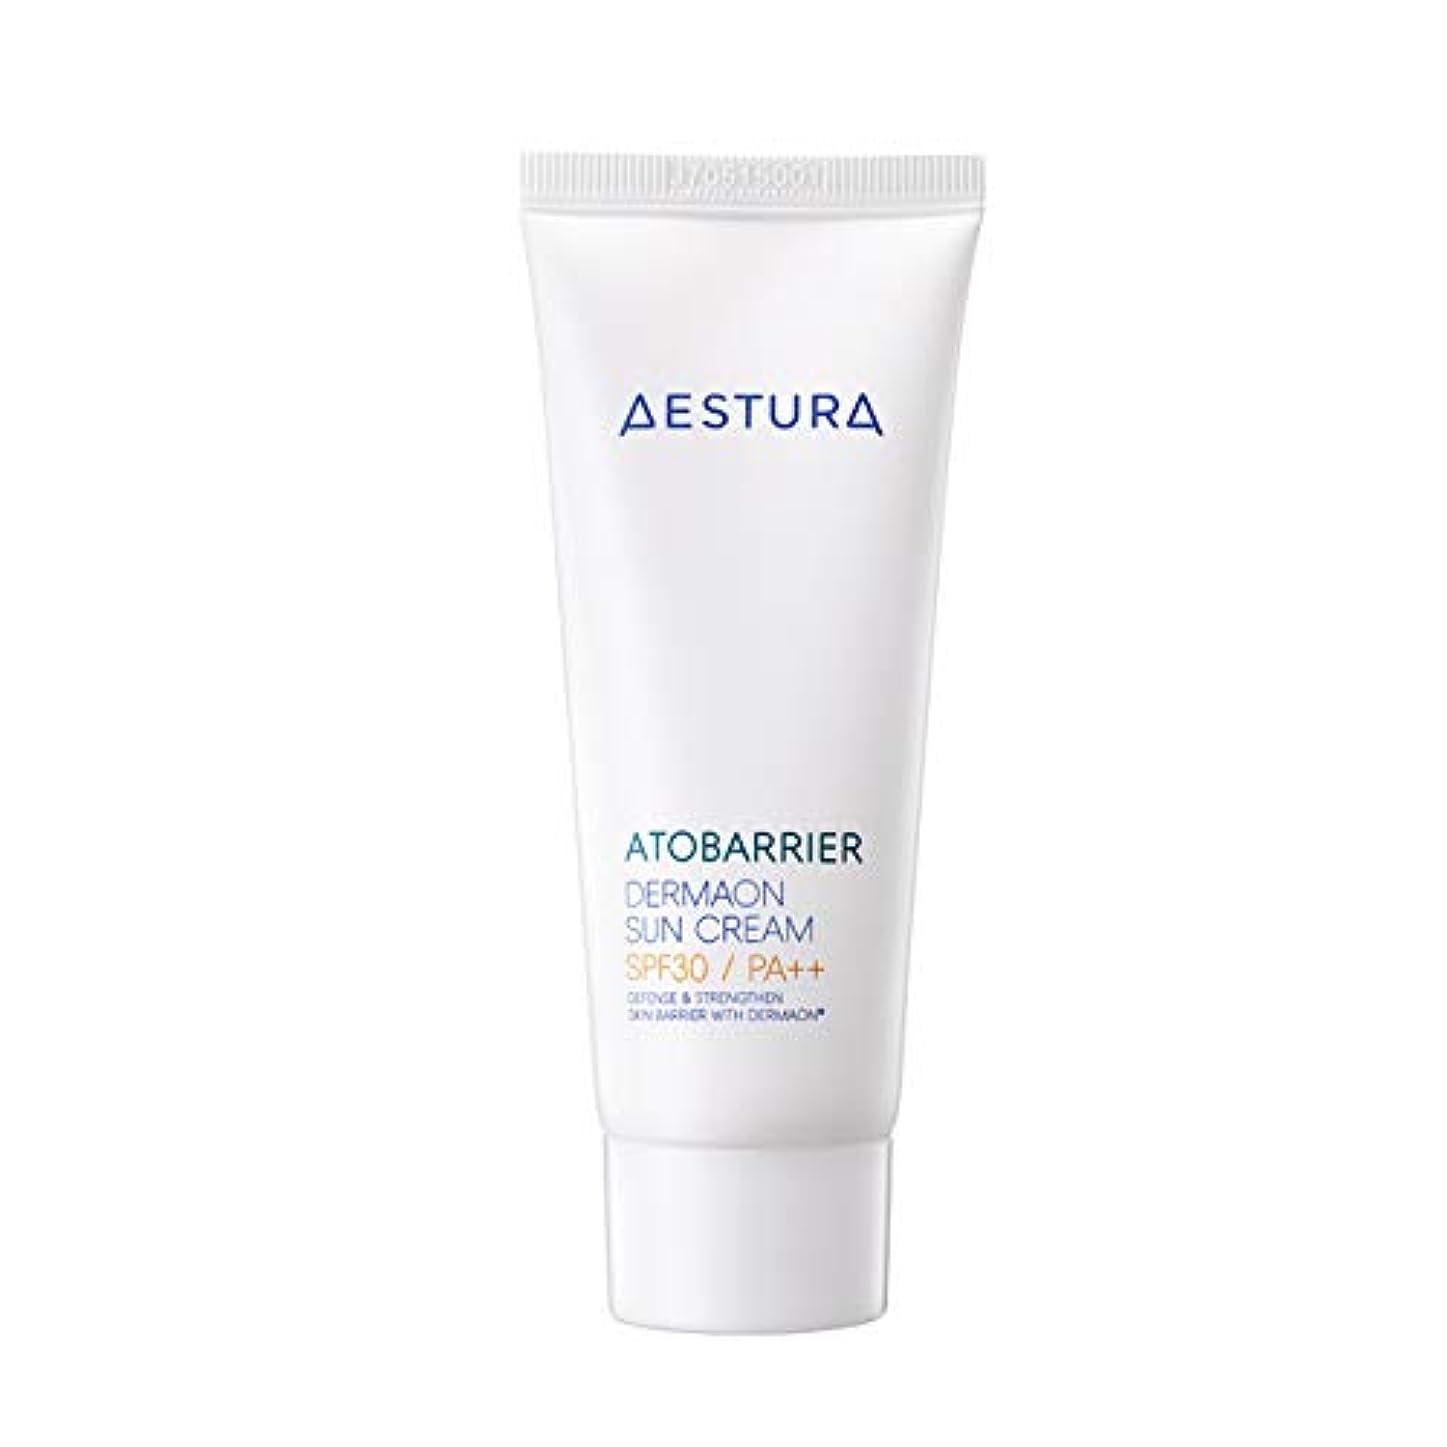 代名詞ナインへ除外するAESTURA アトバリエ ダーマオン サンクリーム 60ml,SPF30 / PA++ Atobarrier Dermaon Sun Cream